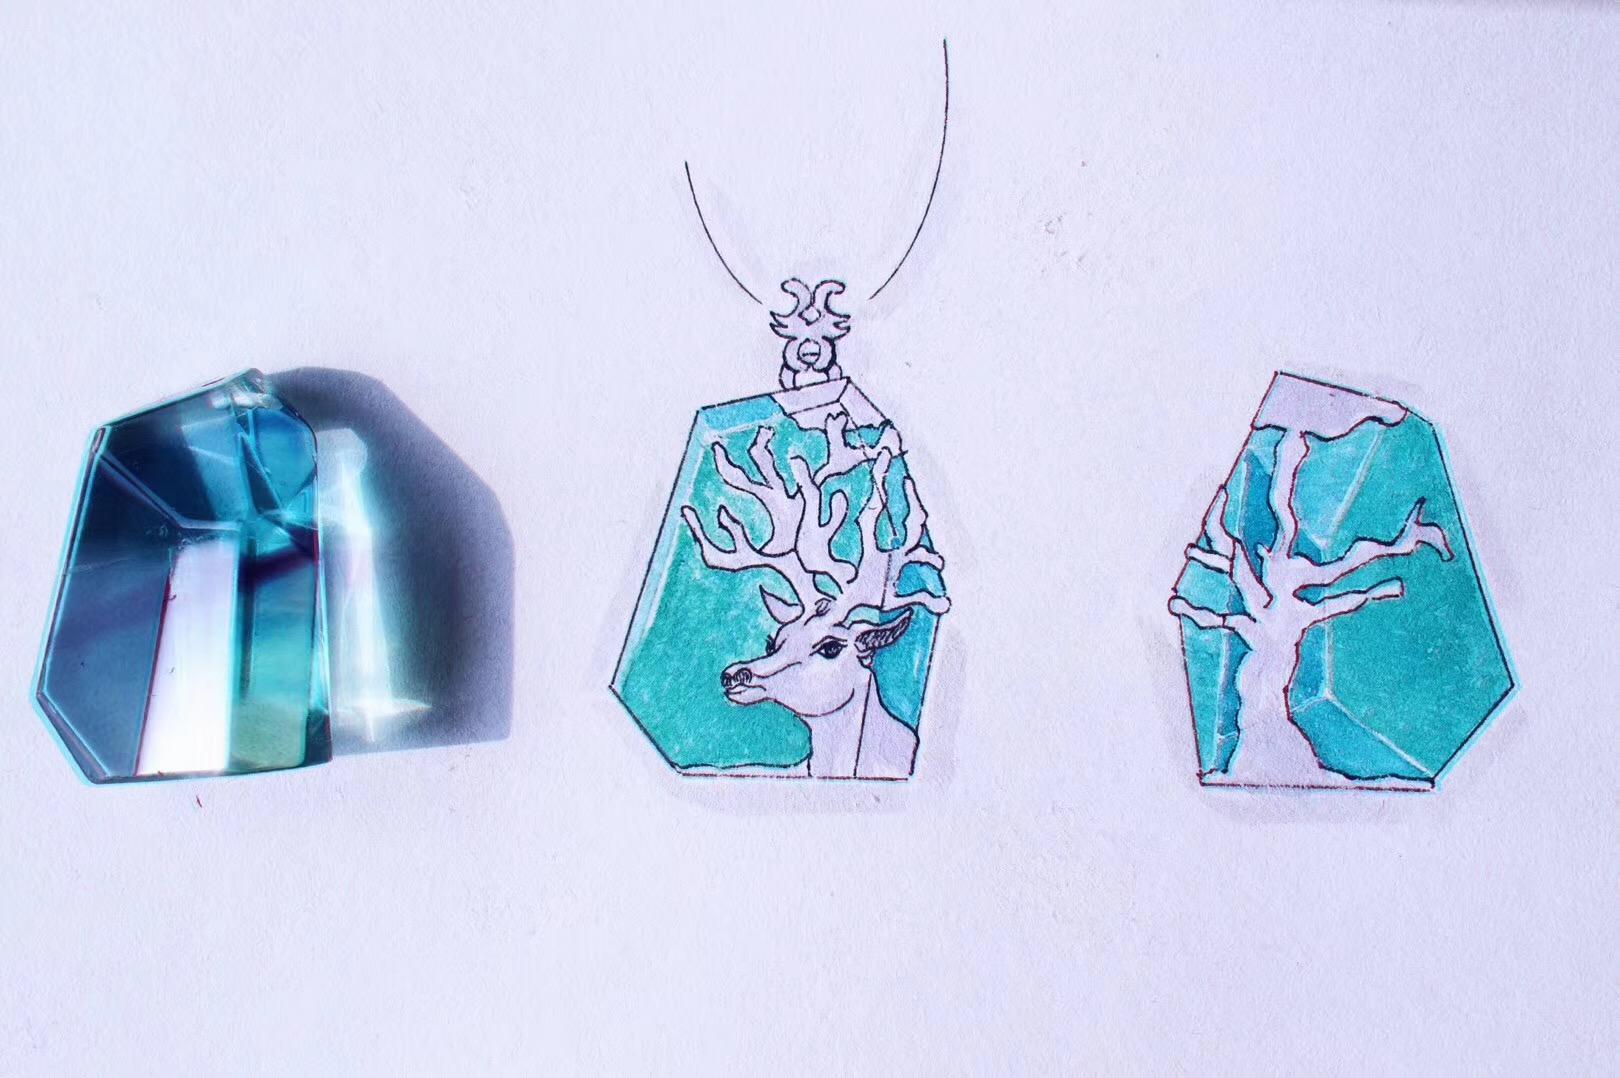 【菩心-胎毛定制】这一枚胎毛的设计来自宫崎骏,更是治愈系的-菩心晶舍